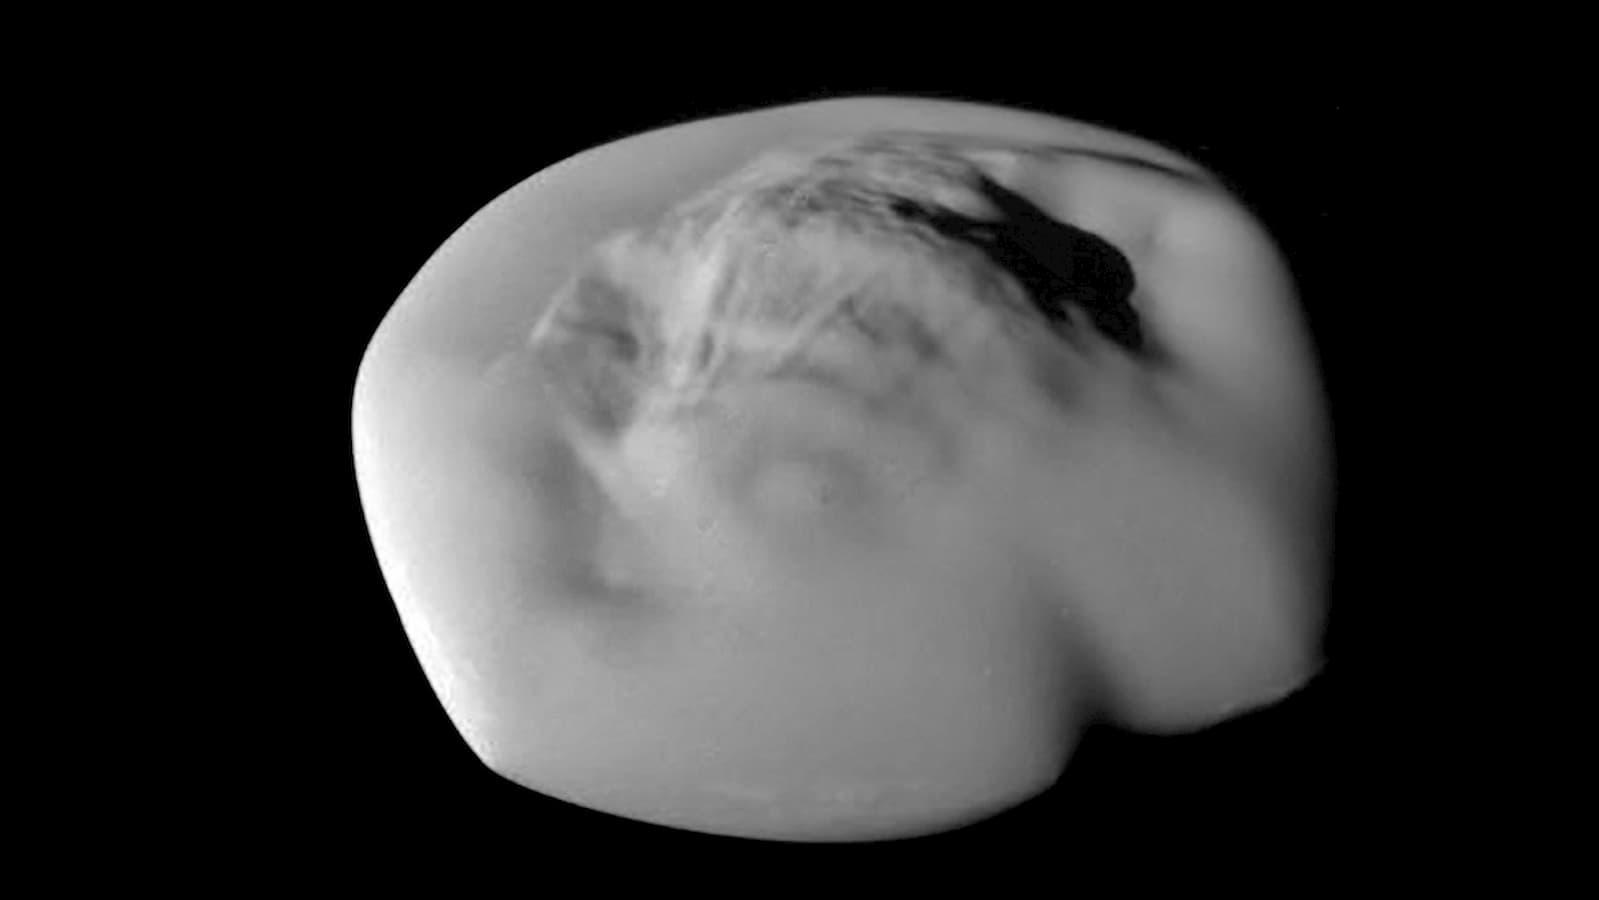 Atlas, a lua em formato de ravioli dos anéis de Saturno